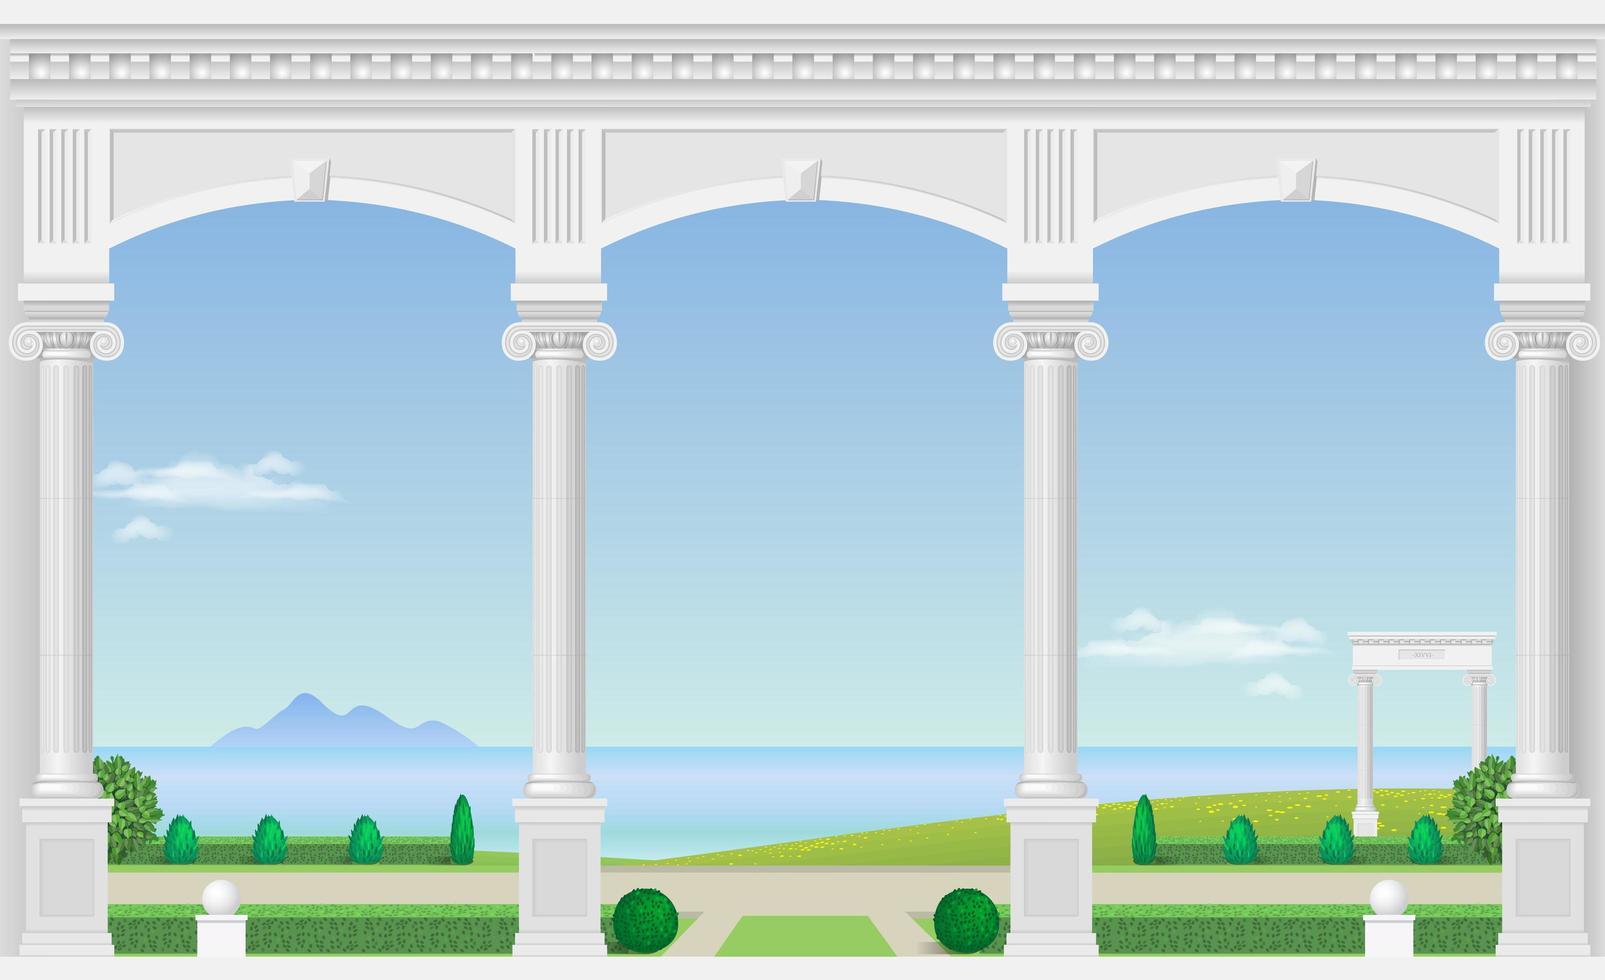 Palastbalkon mit Garten- und Meerblick vektor